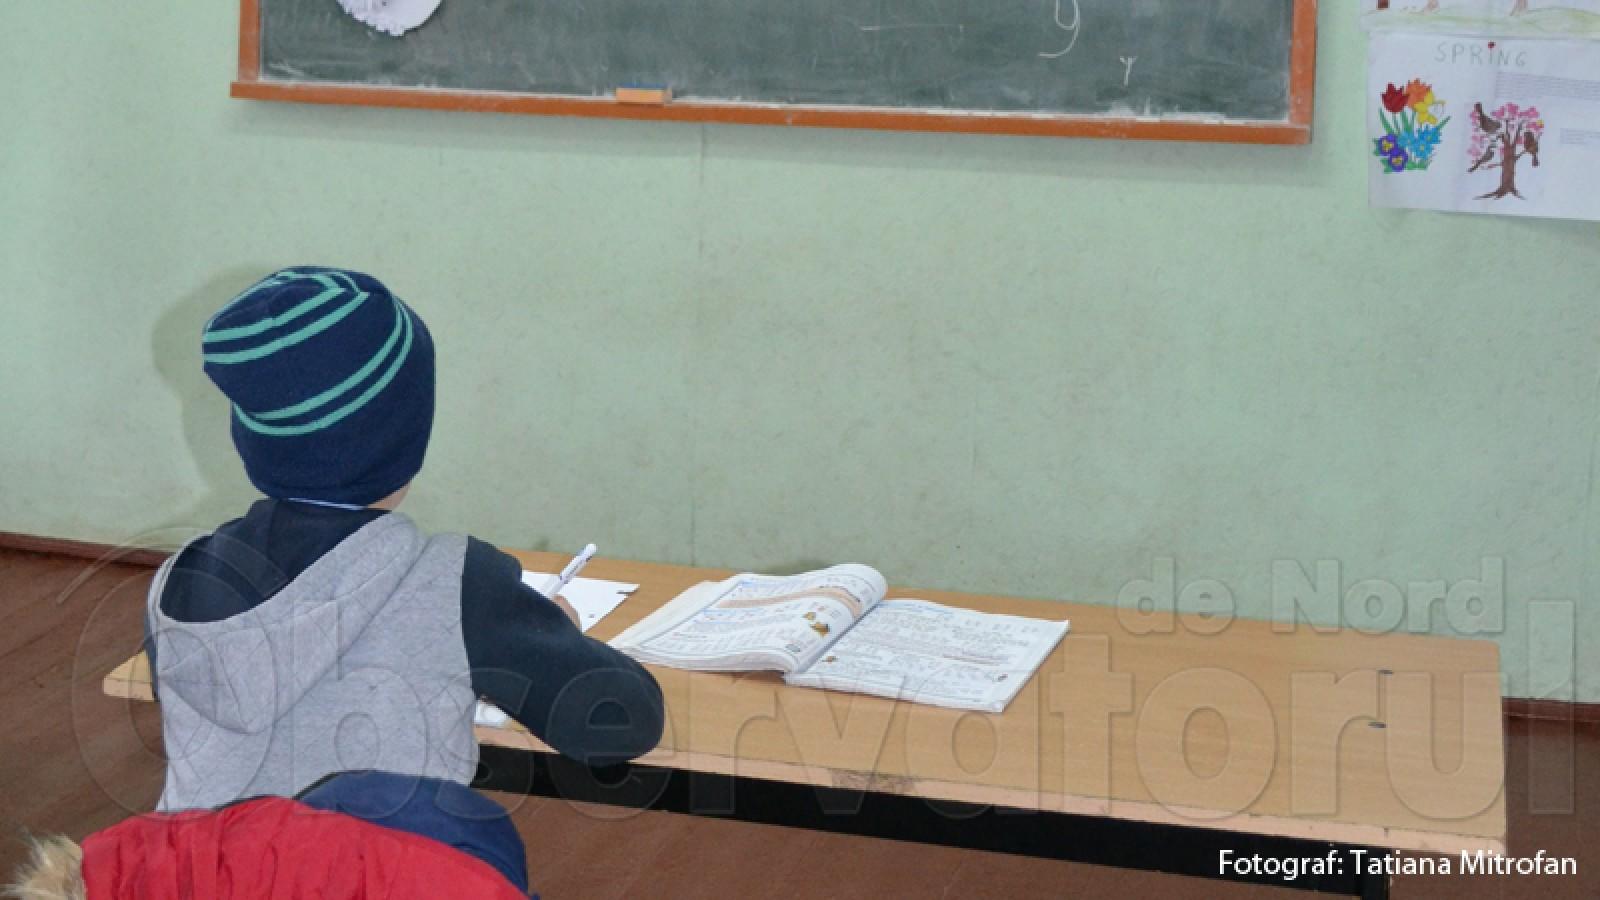 Zis și făcut: O școală din raionul Soroca a fost redeschisă. A venit la lecții un singur elev